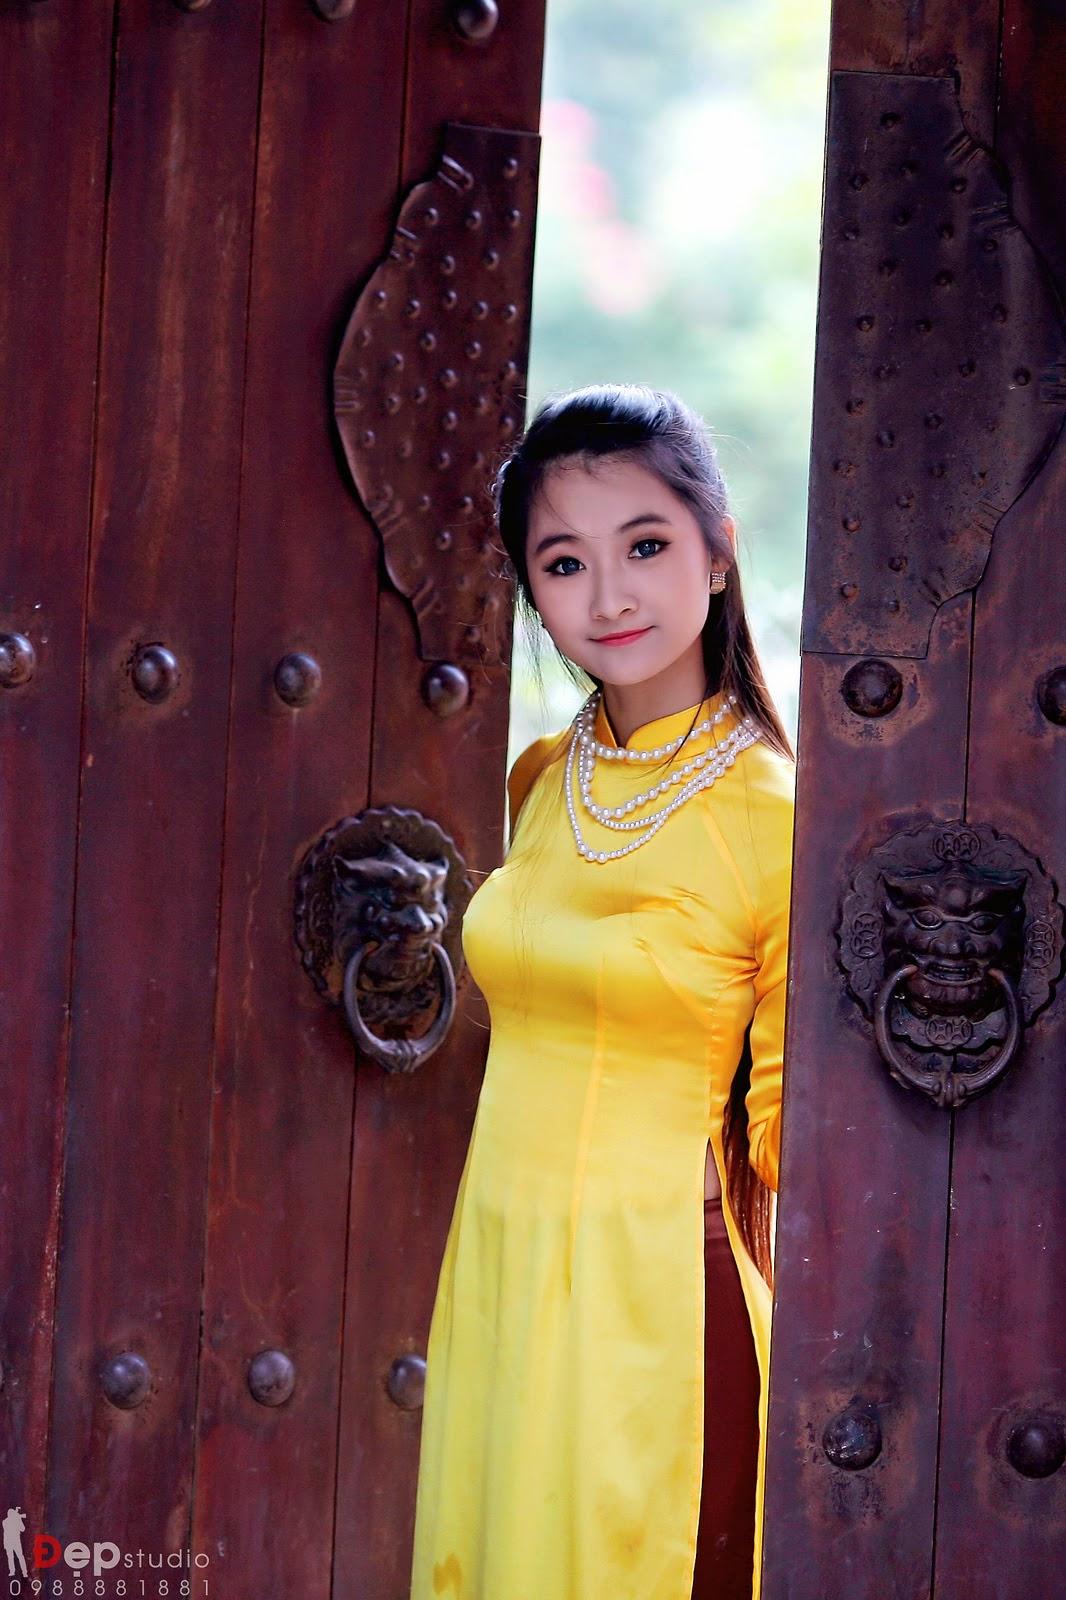 Ảnh đẹp girl xinh Áo dài truyền thống Việt Nam - Ảnh 21